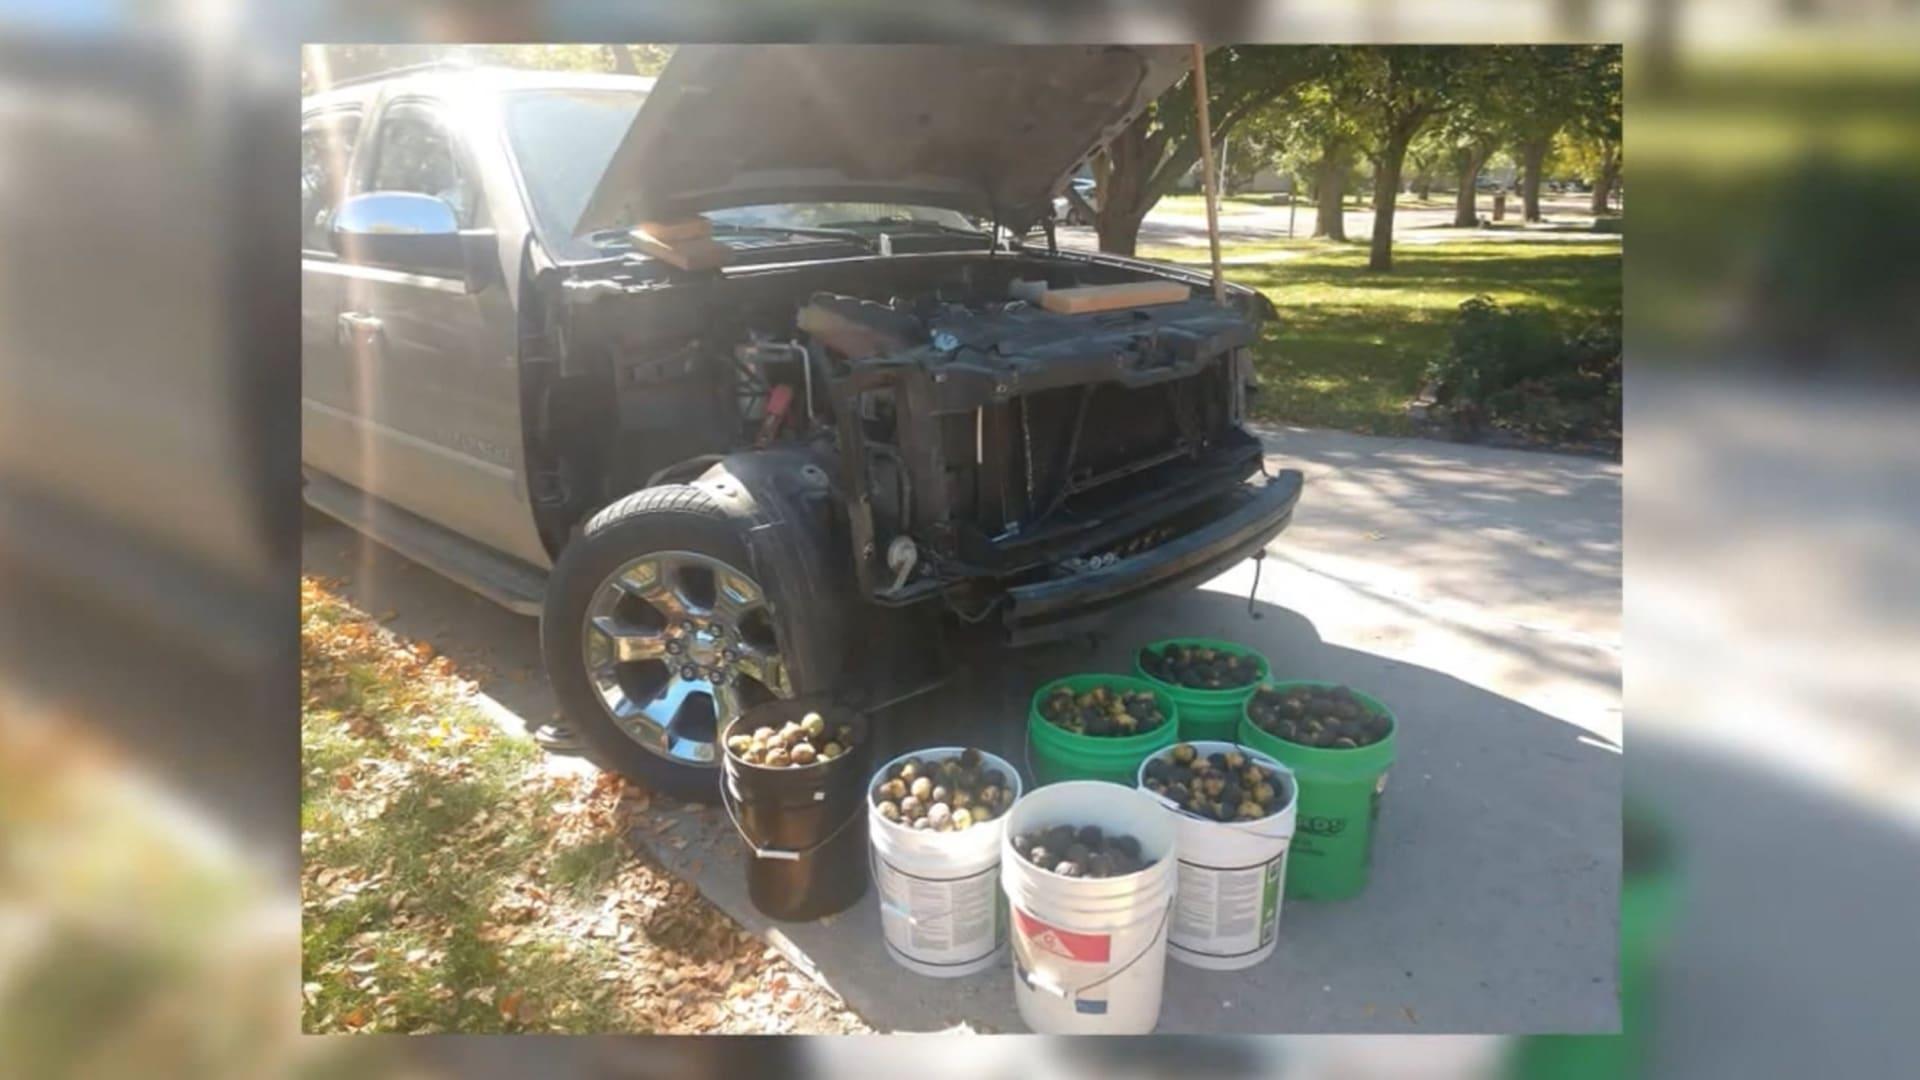 أمريكي يمضي أيامًا في تنظيف سيارته من آلاف ثمار الجوز.. خبأها سنجاب داخلها لمؤنة الشتاء